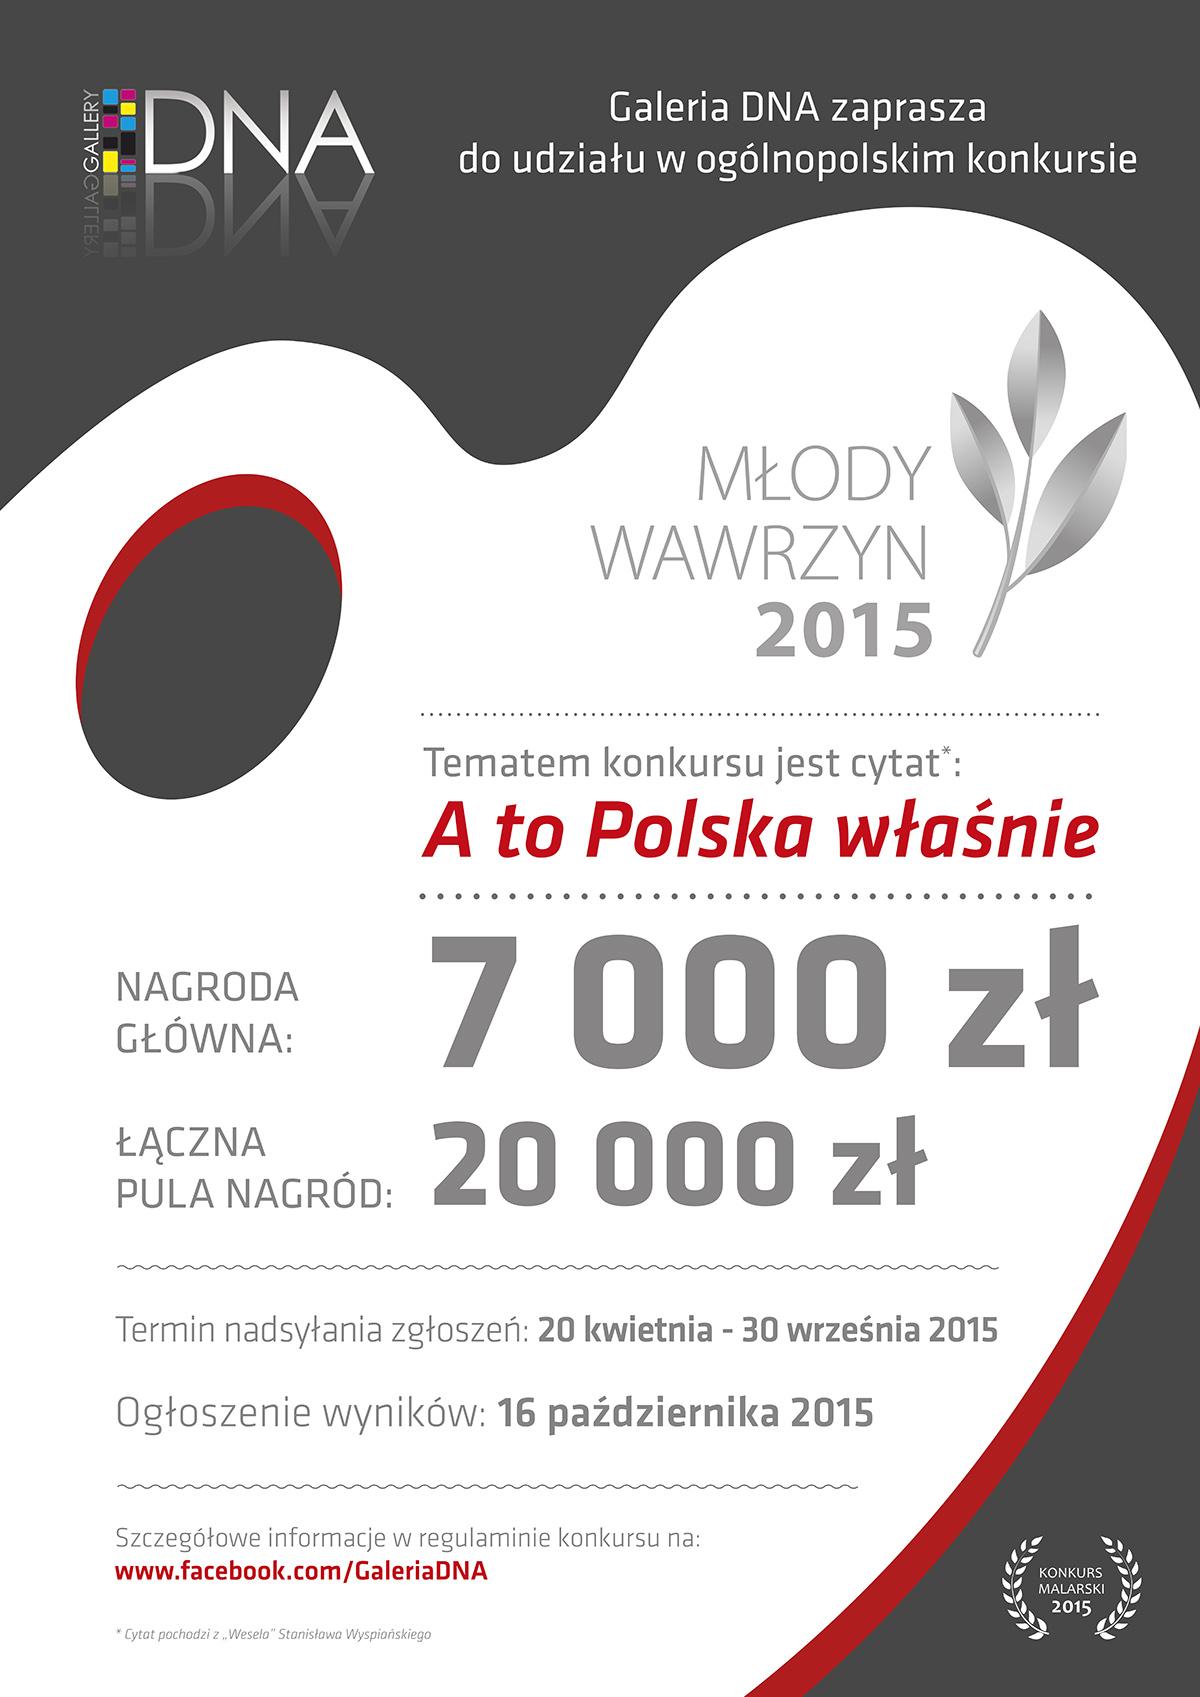 Ogólnopolski konkurs malarski Młody Wawrzyn 2015, plakat (źródło: materiały prasowe organizatora)